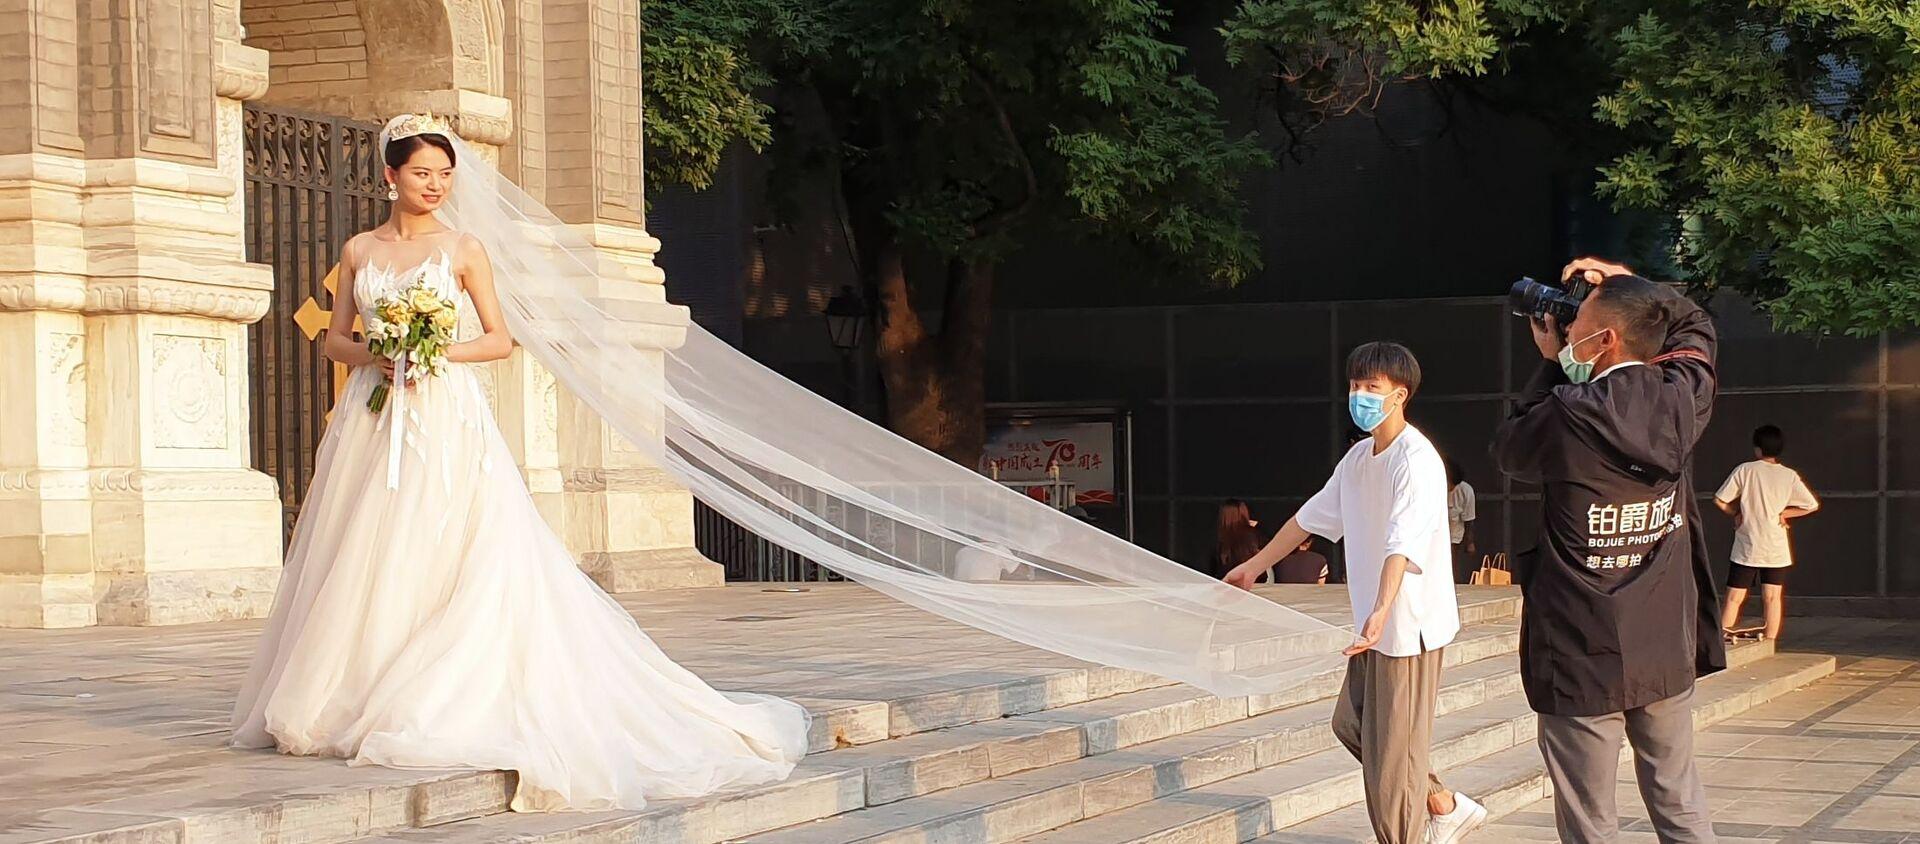 Chụp ảnh cô dâu trên đường phố ở Bắc Kinh - Sputnik Việt Nam, 1920, 15.09.2020